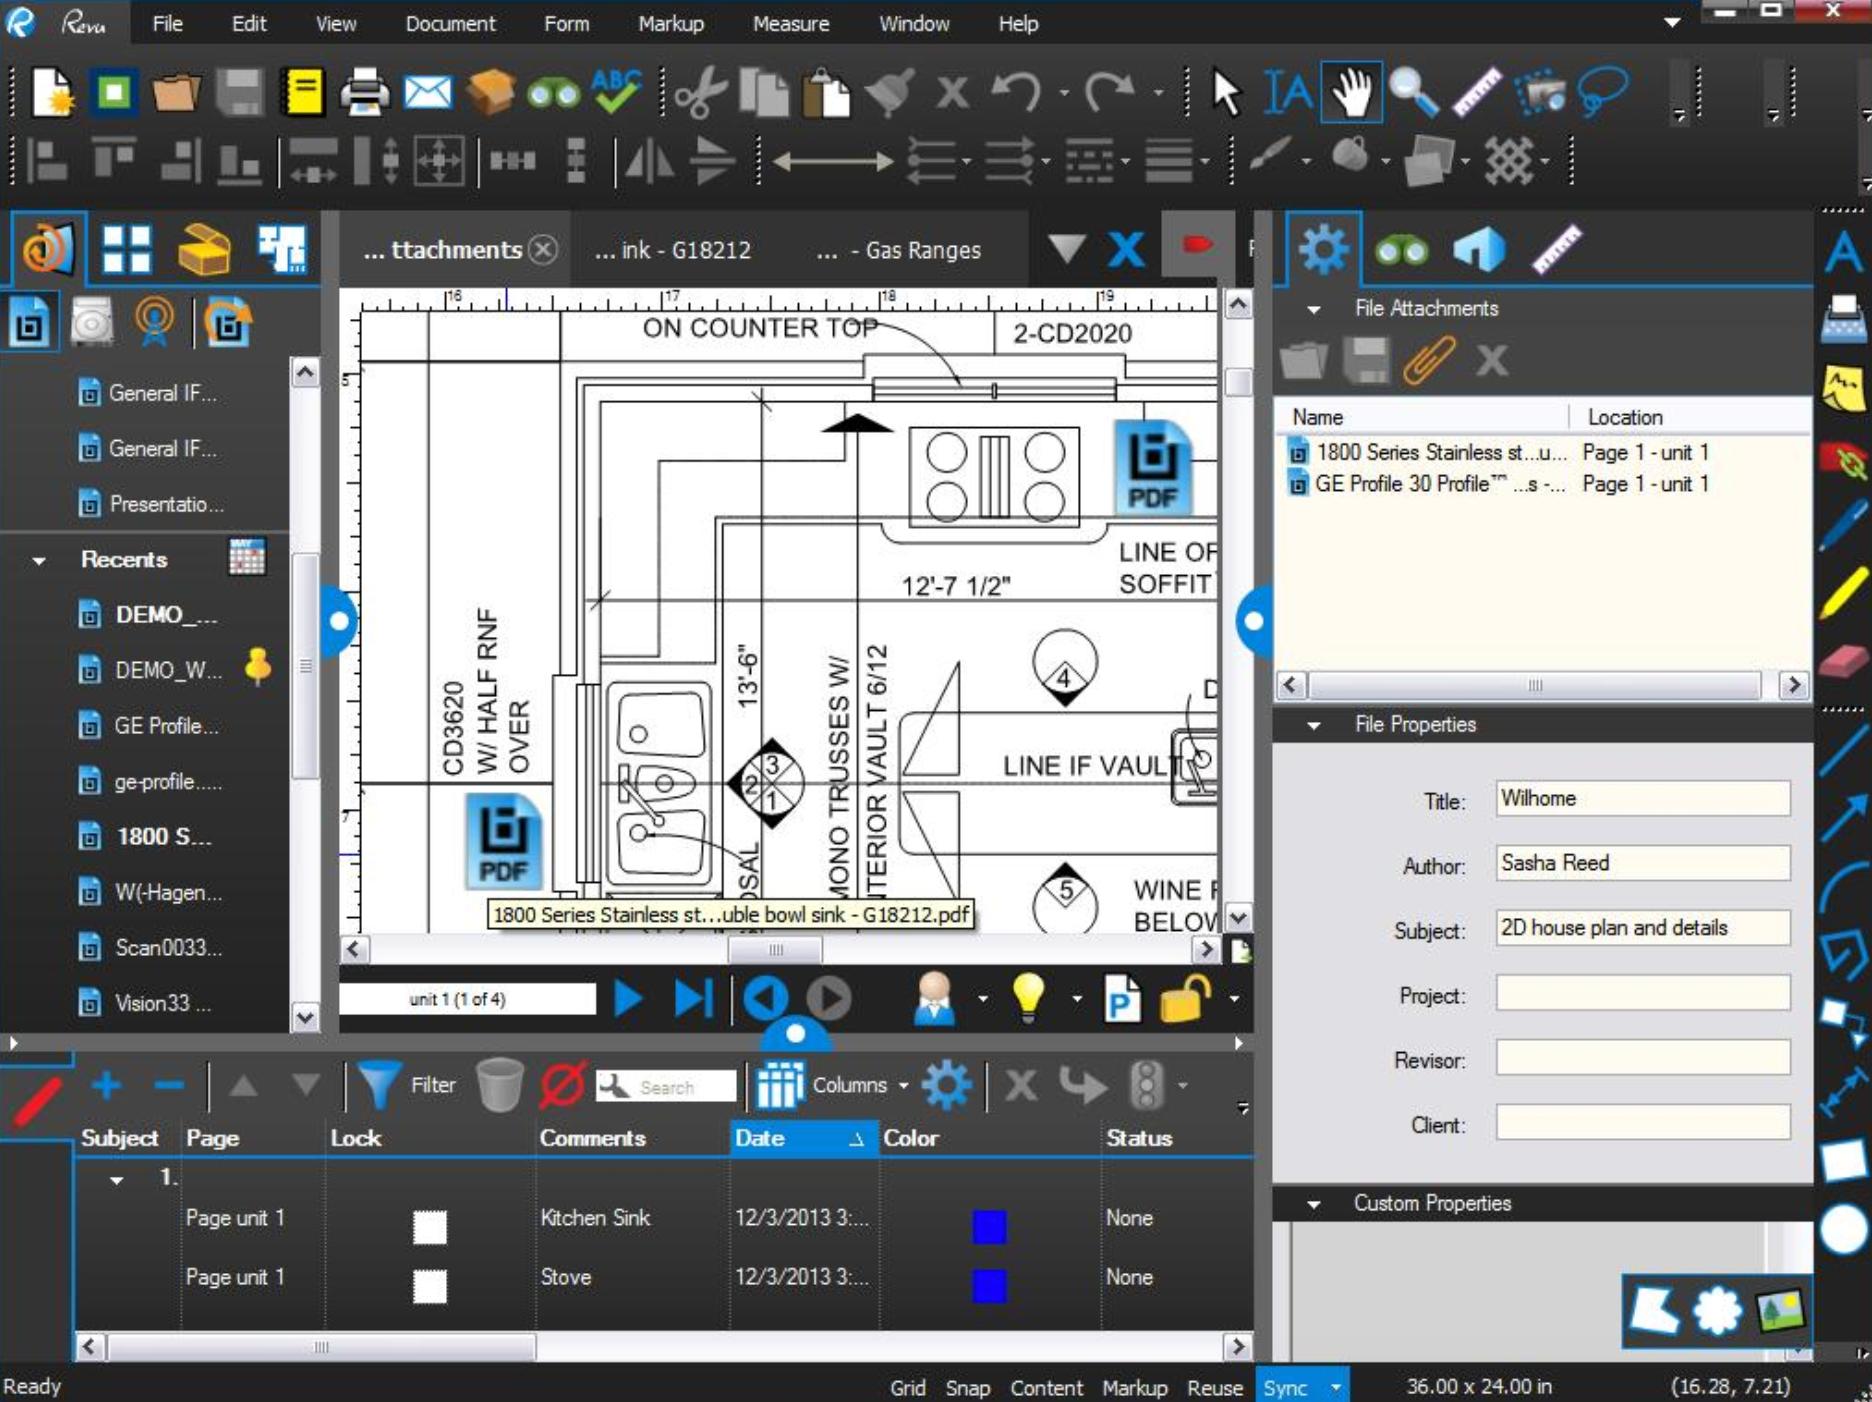 Bluebeam Revu Software - Bluebeam Revu - File attachments